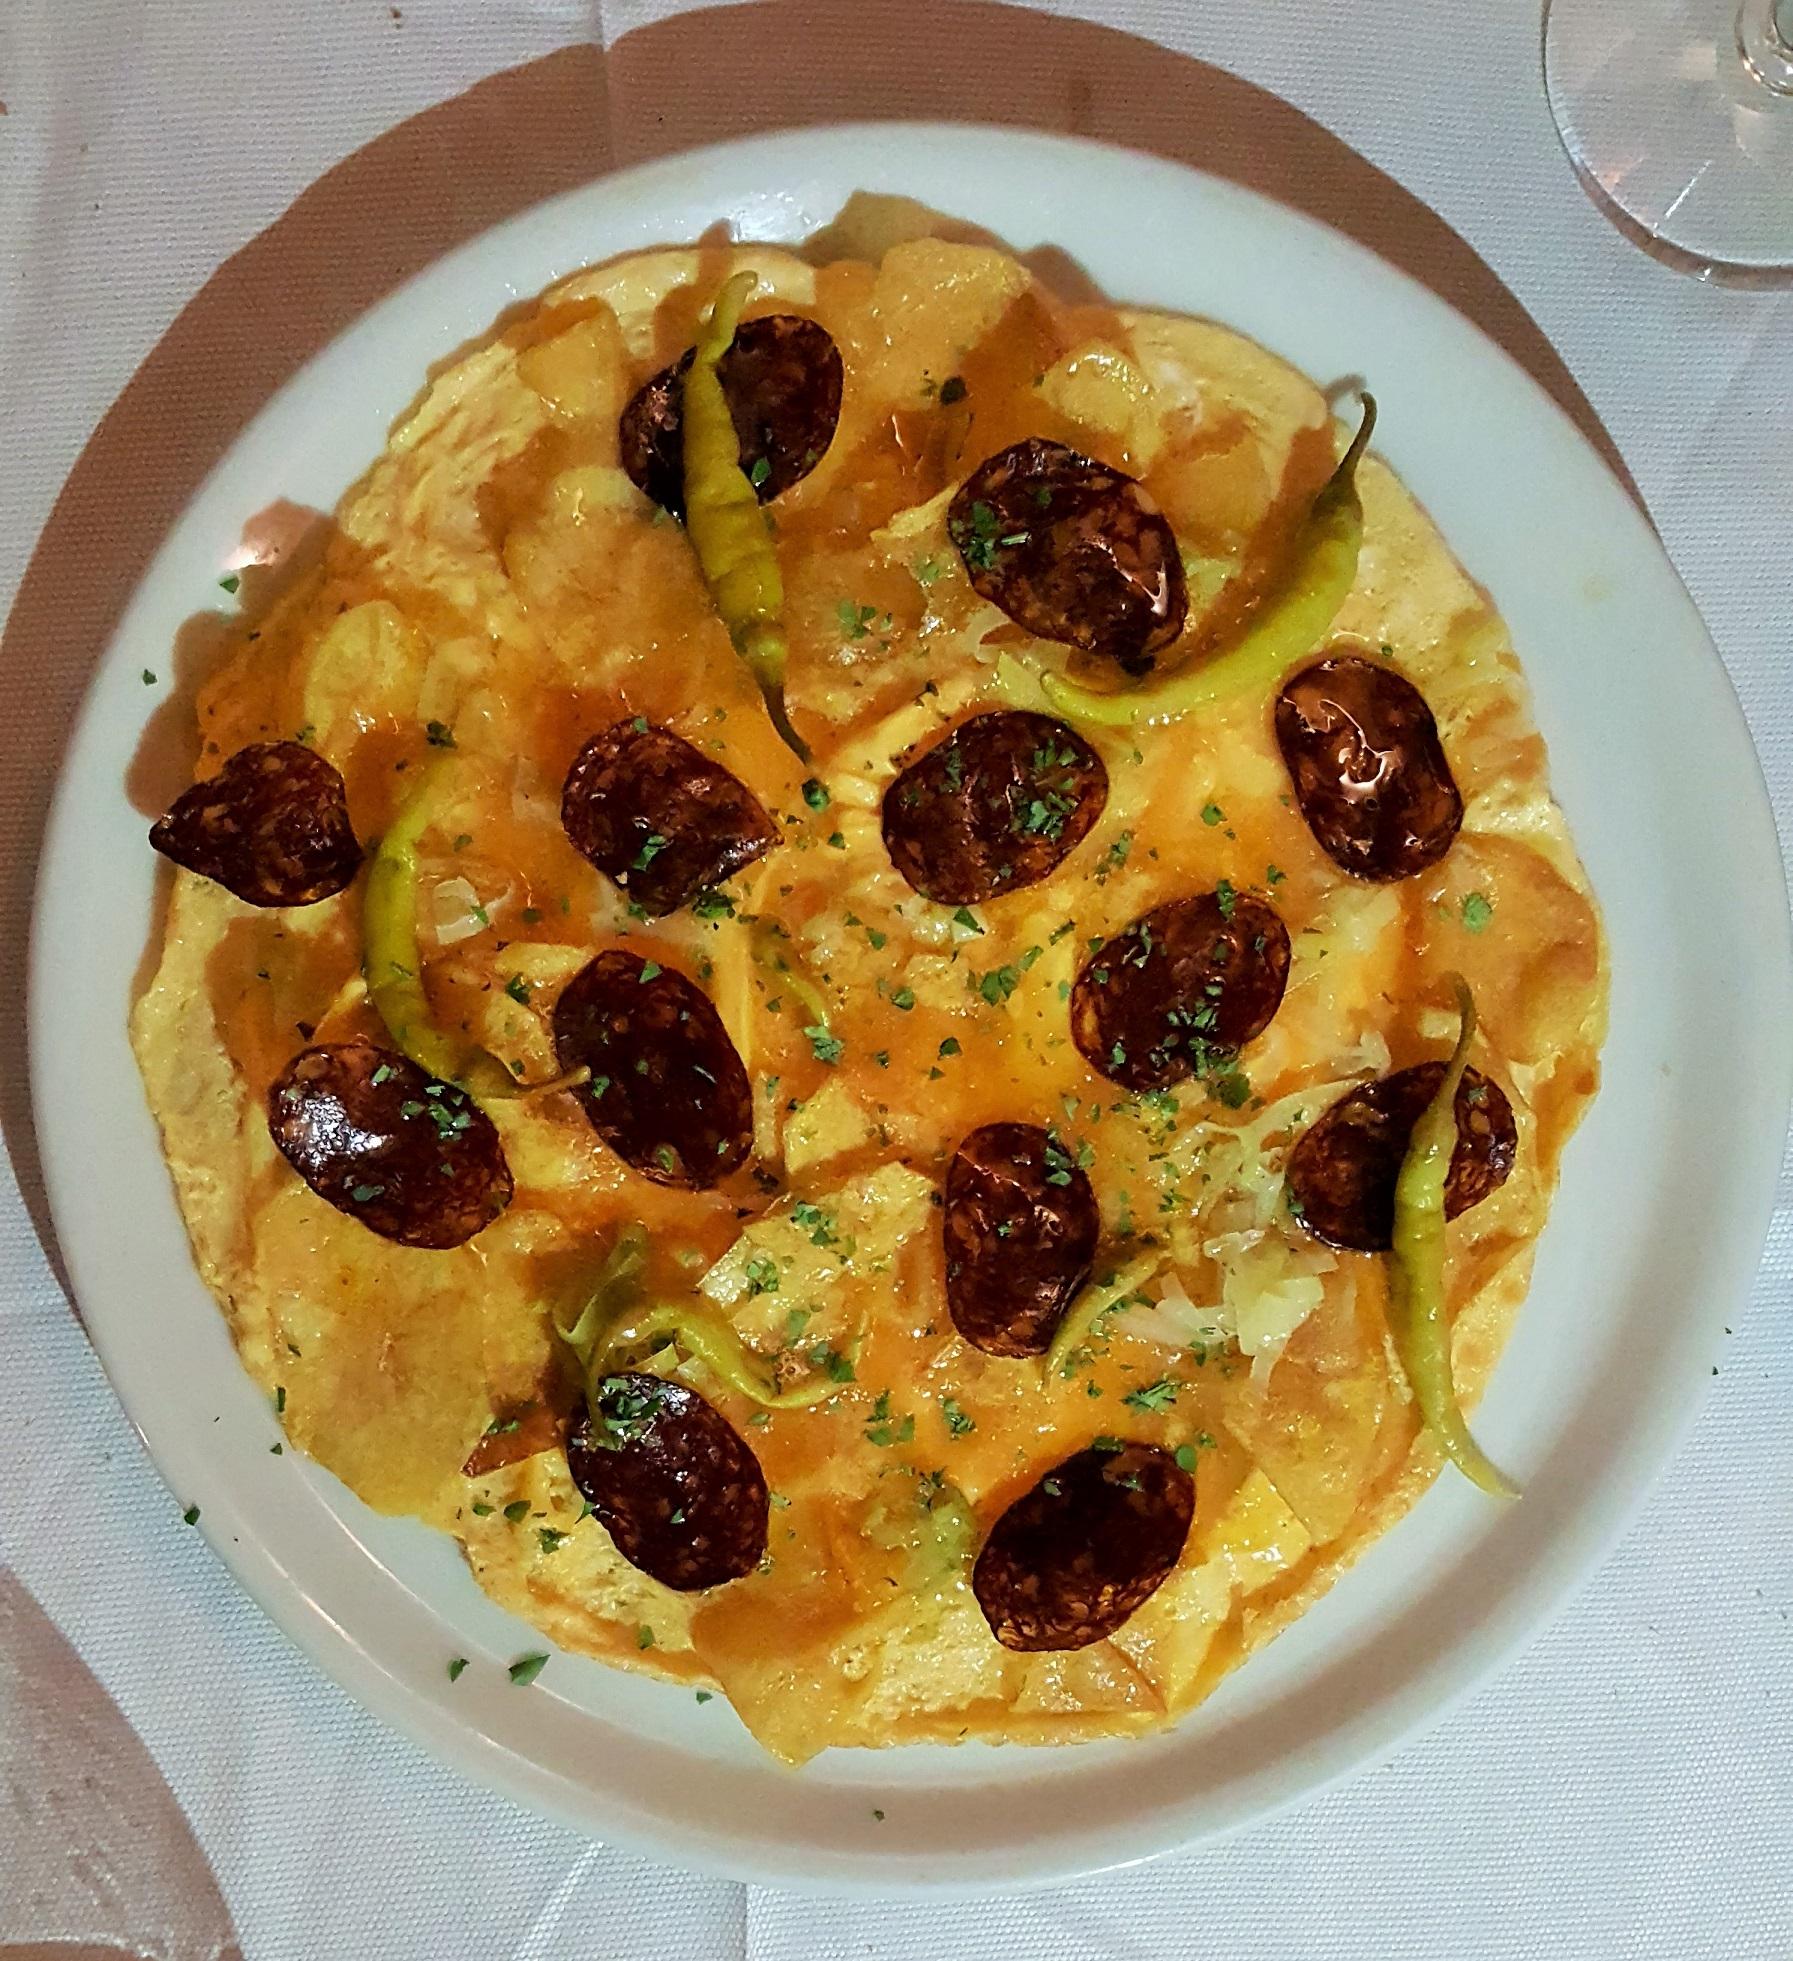 Tortilla vaga Sacha